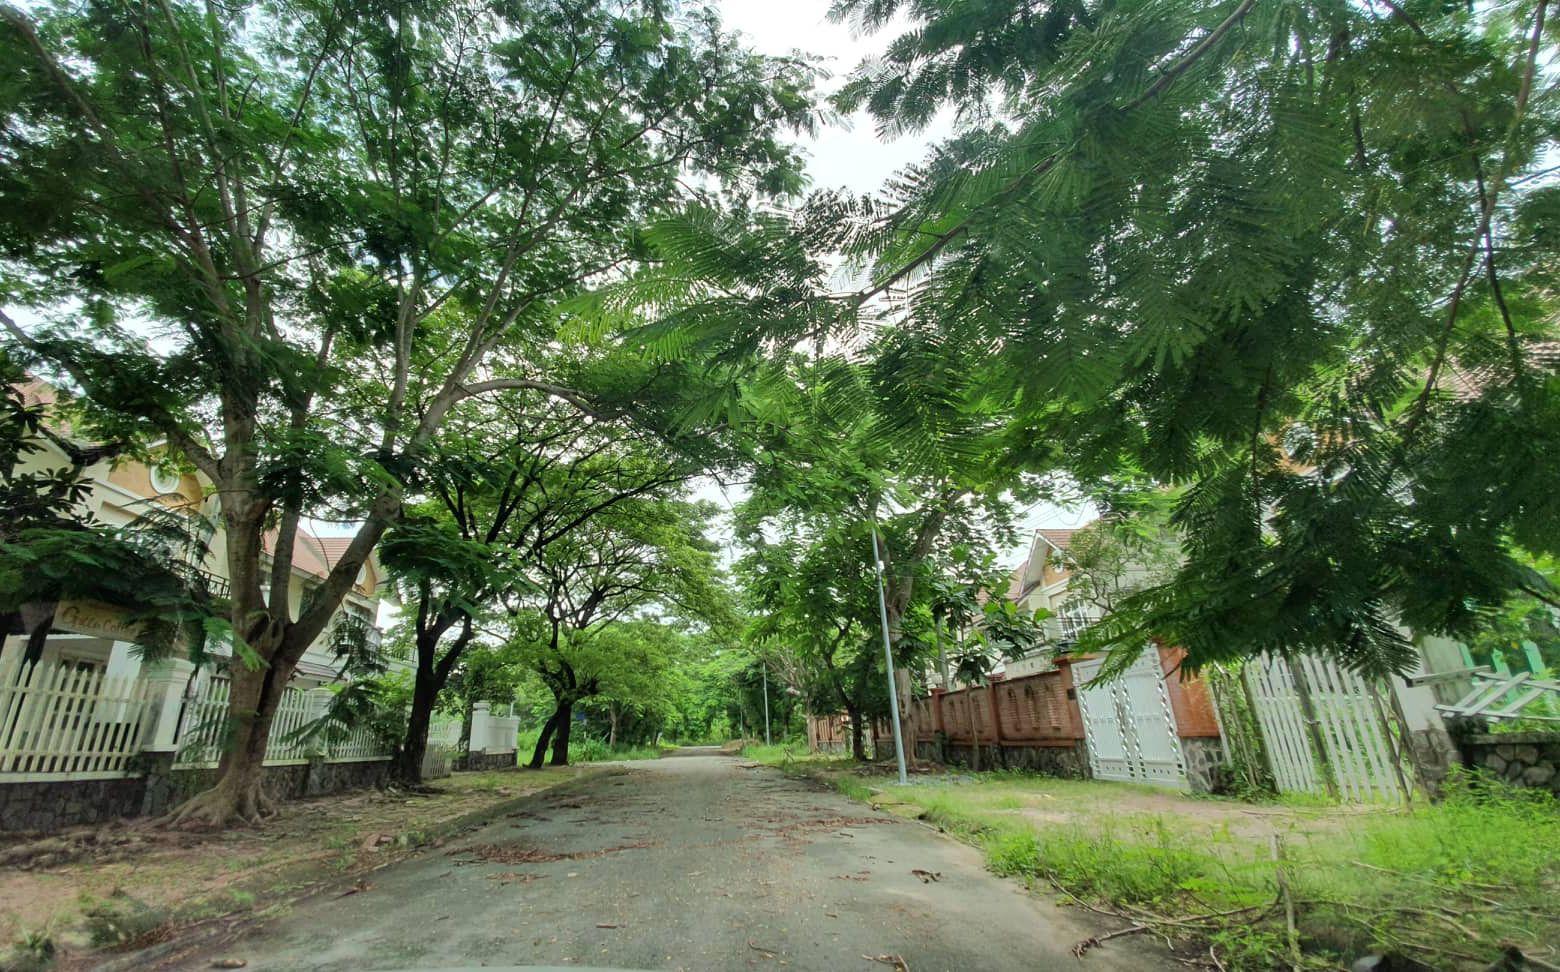 La liệt chung cư, biệt thự bỏ hoang ở Nhơn Trạch - 6